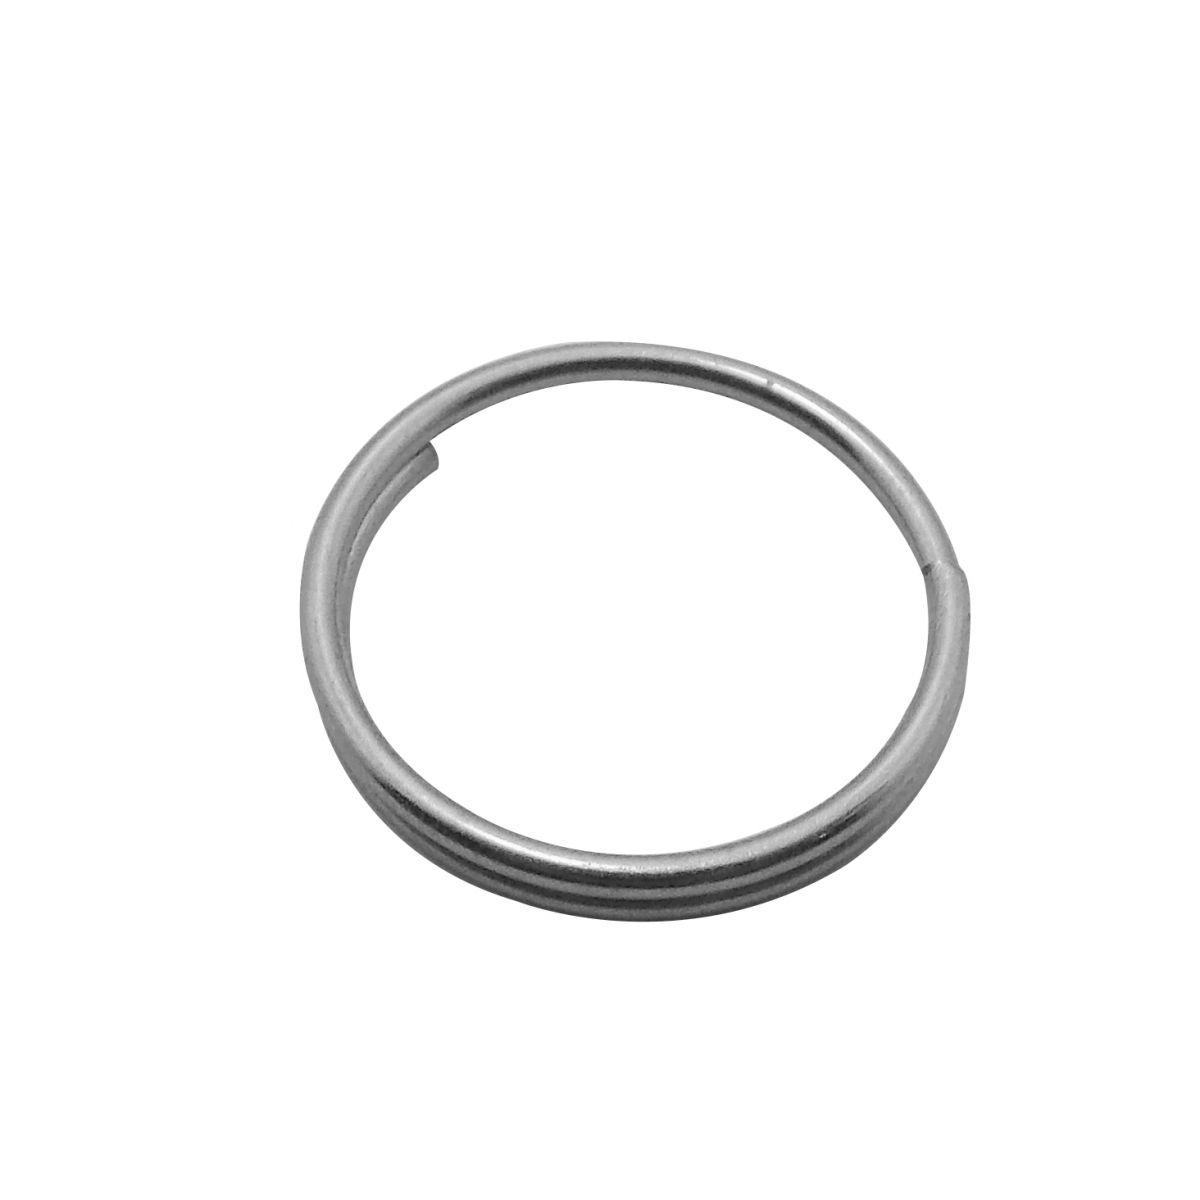 Argola Dovale Pequena 15mm Pacote com 500 gramas - 95002